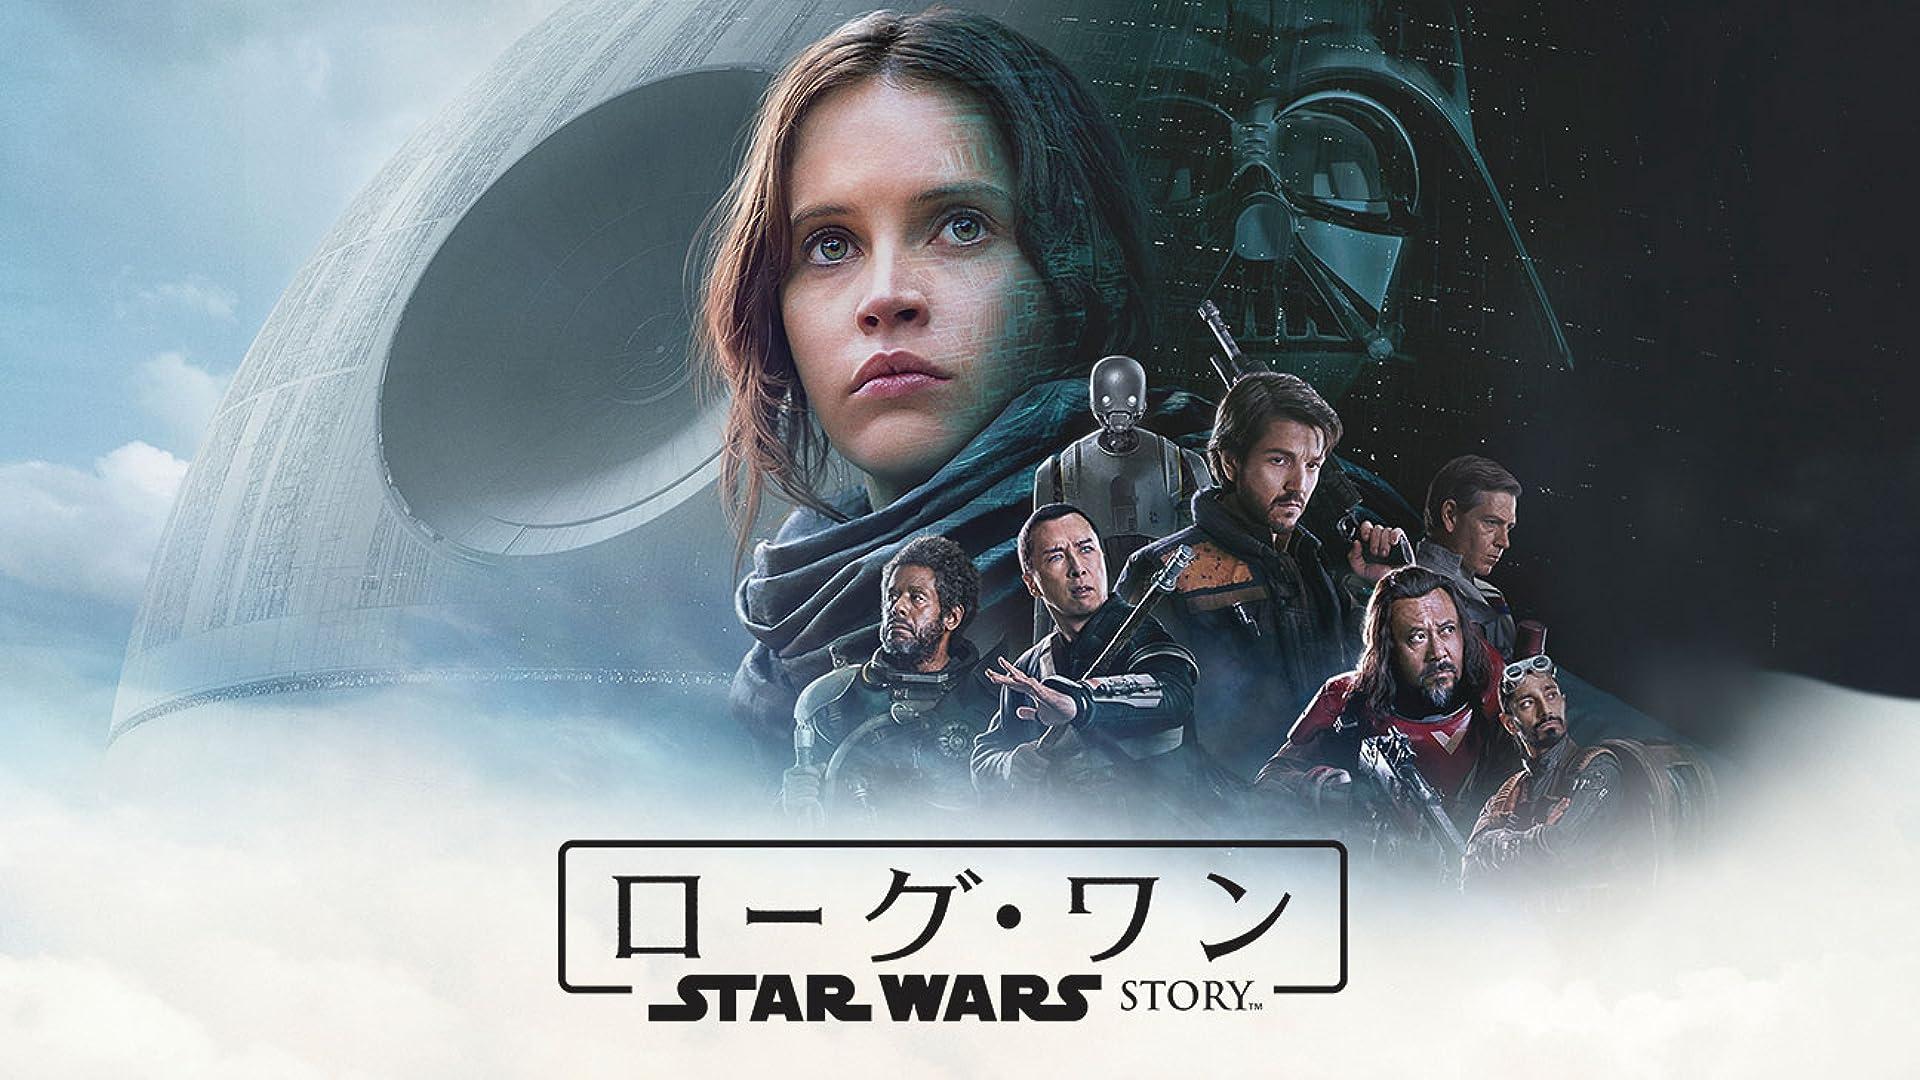 ローグ・ワン/スター・ウォーズ・ストーリー (字幕版)